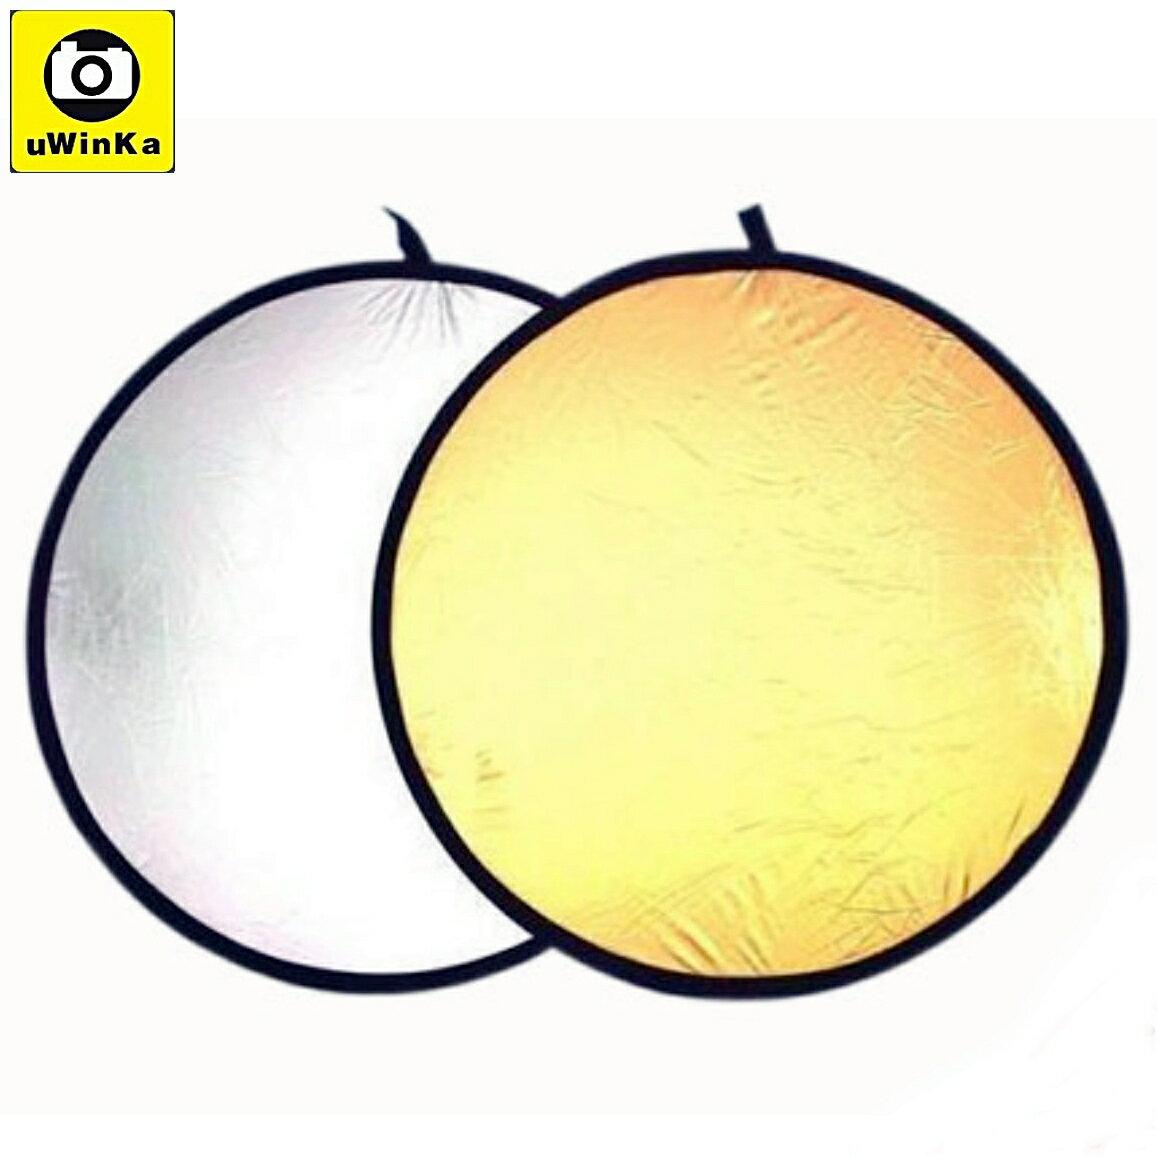 又敗家@uWinka可折疊金色+銀色二合一反光板直徑80cm  RE-T80附收納袋, 金色反光板+銀色反光板2合1反光板2合1柔光板二合一打光板二合一控光板吸光板減光板2-in-1反光板2in1反光板反光版80公分 適人像攝影商業攝影cosplay攝影,非五合一